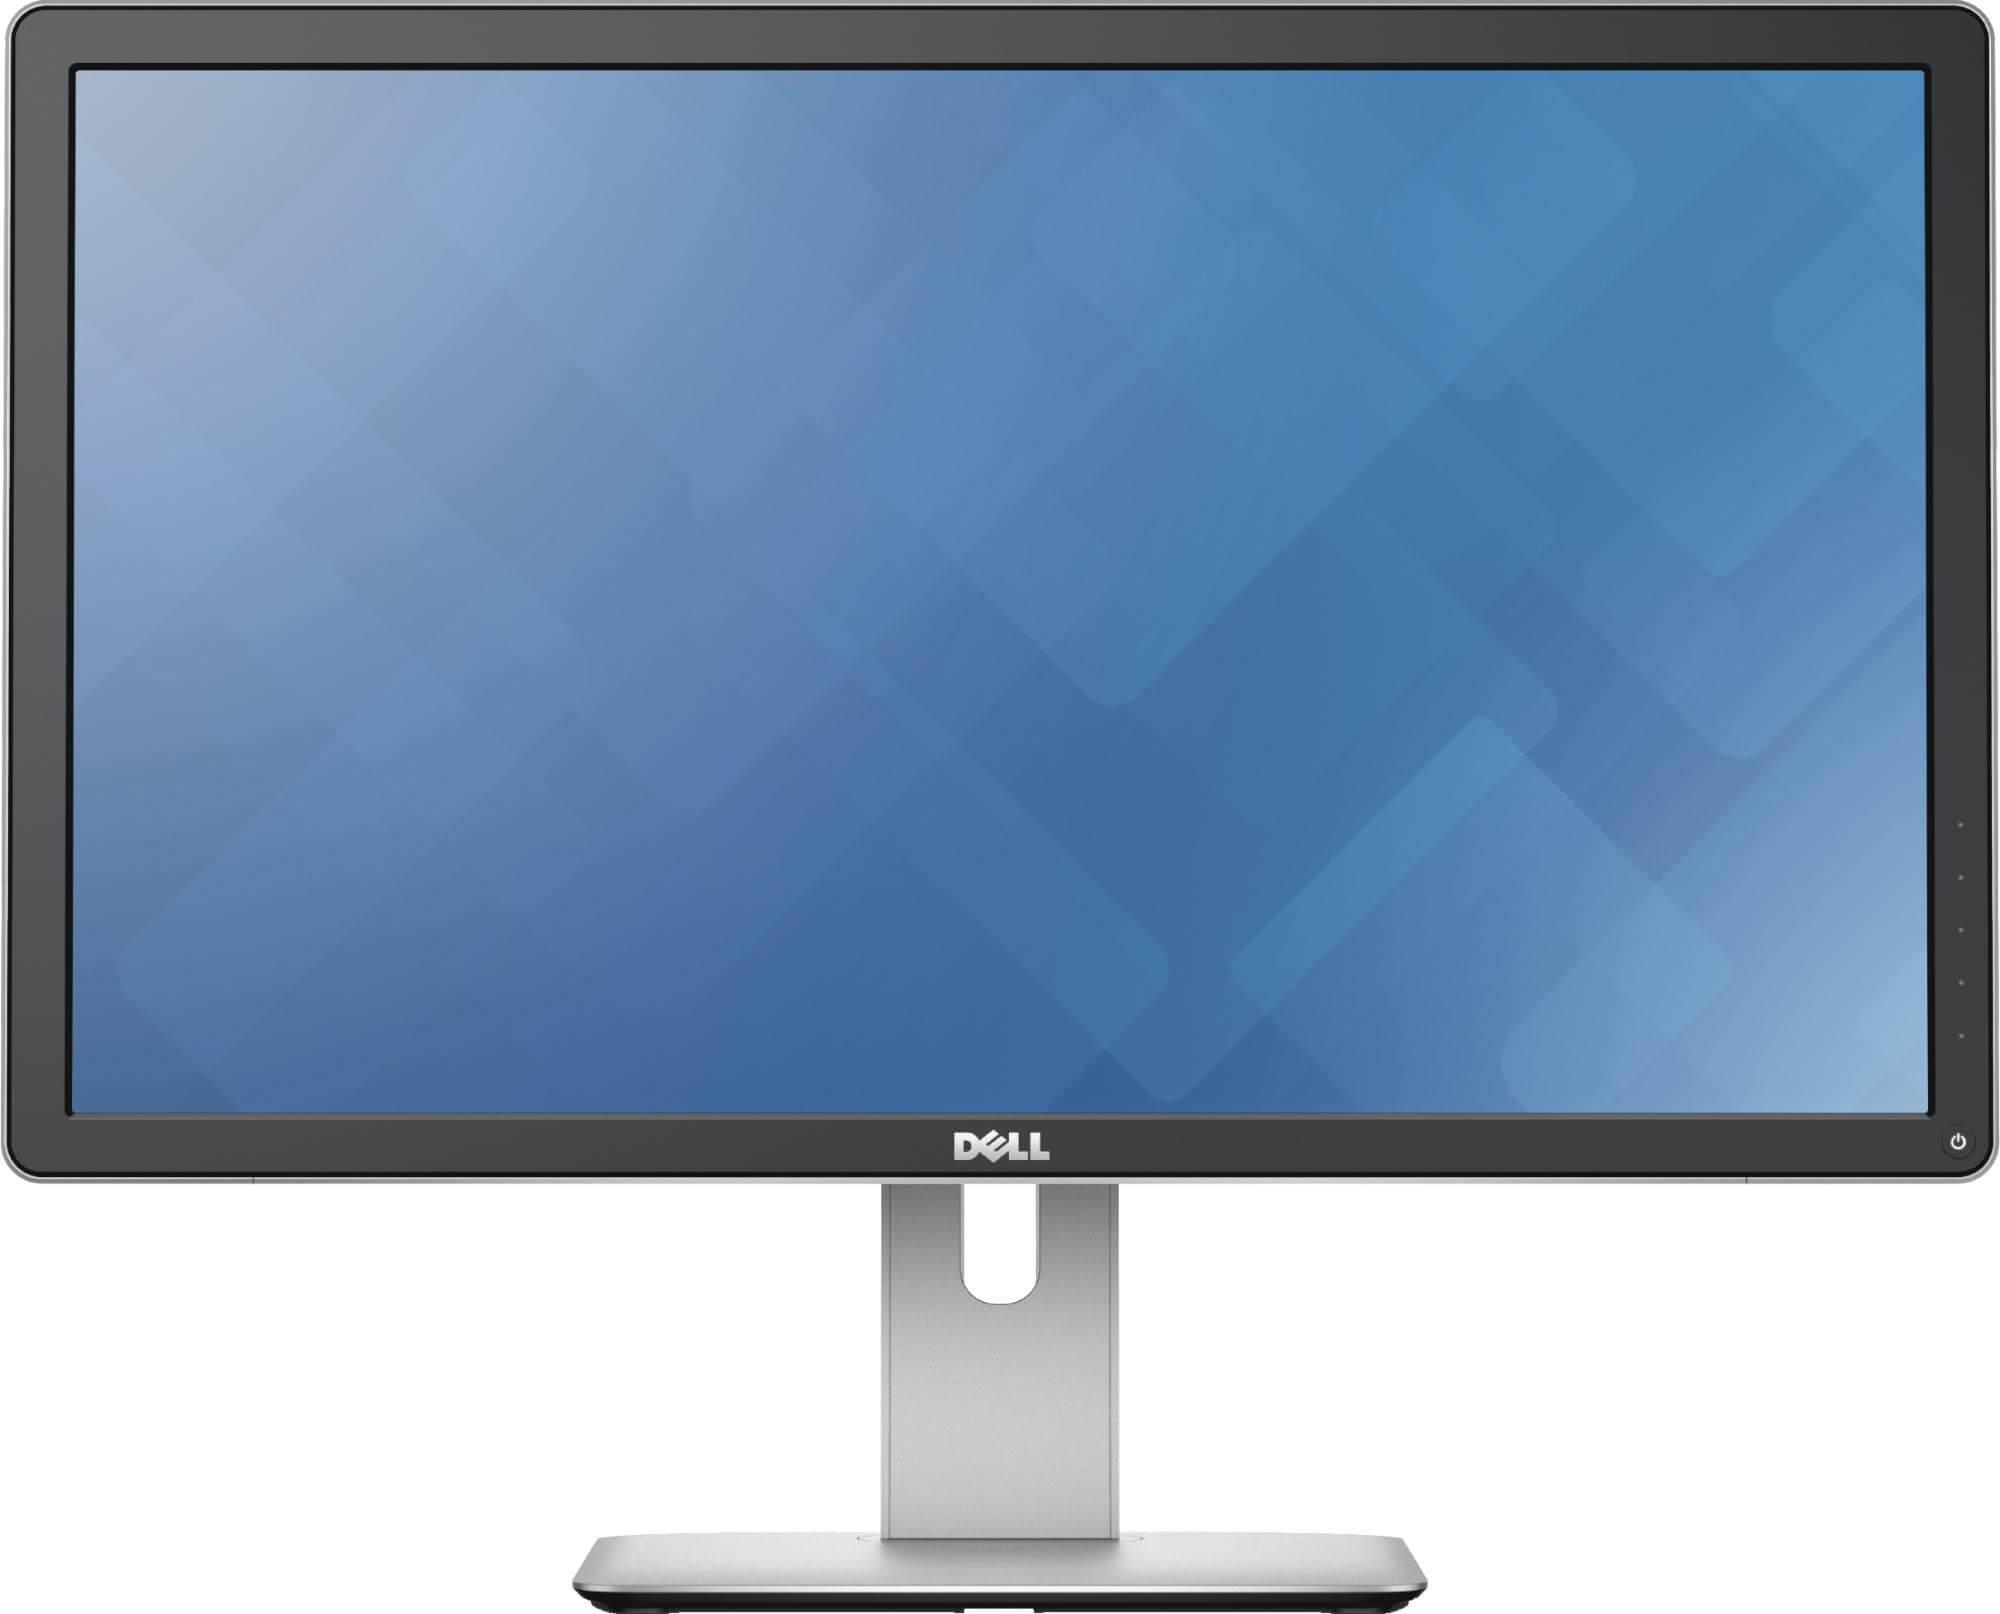 Monitor da Dell (UP2414Q)